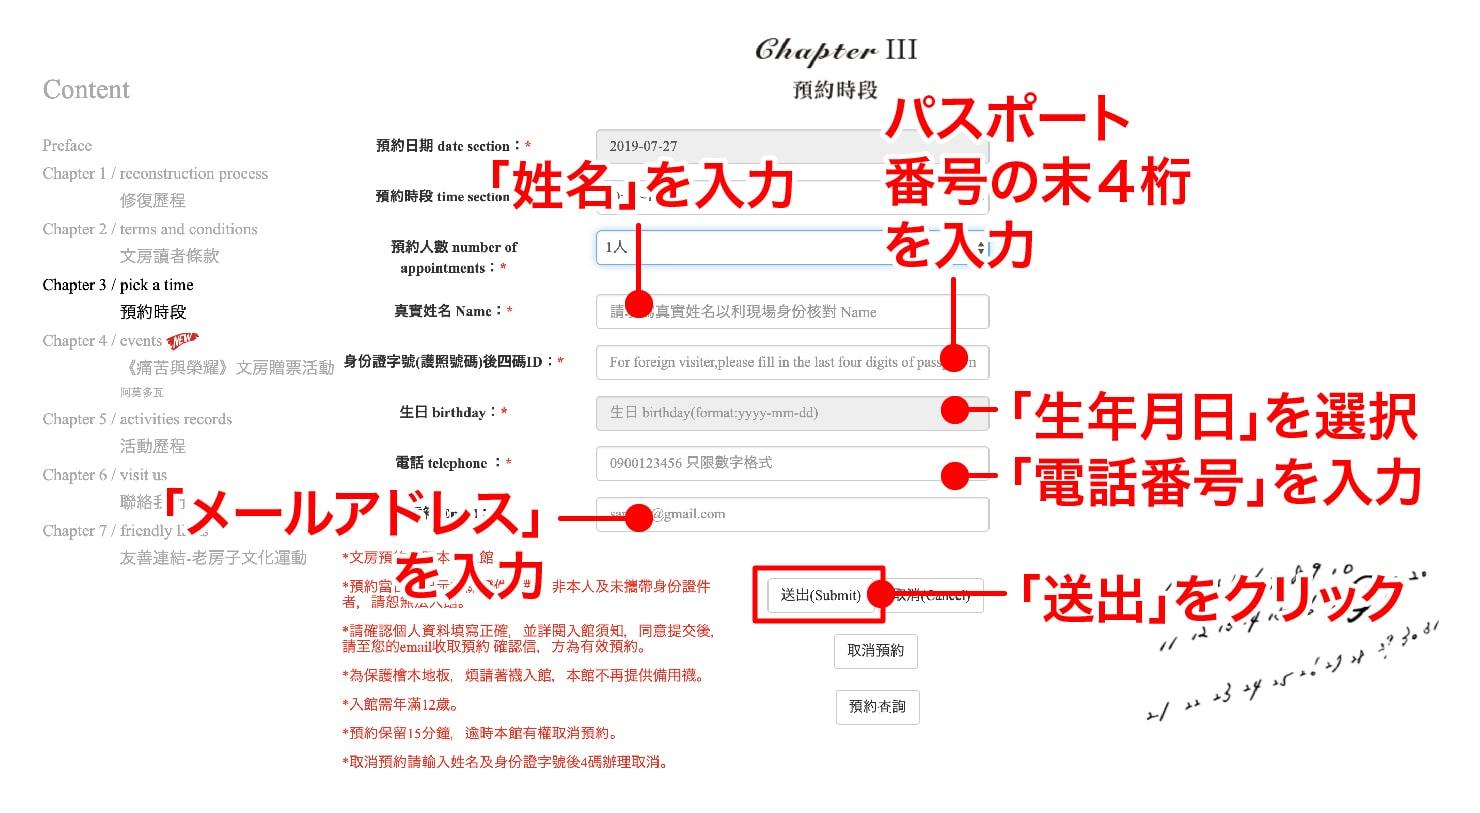 台北の街に佇む日本式古民家の図書館「文房 Chapter」の予約方法_5